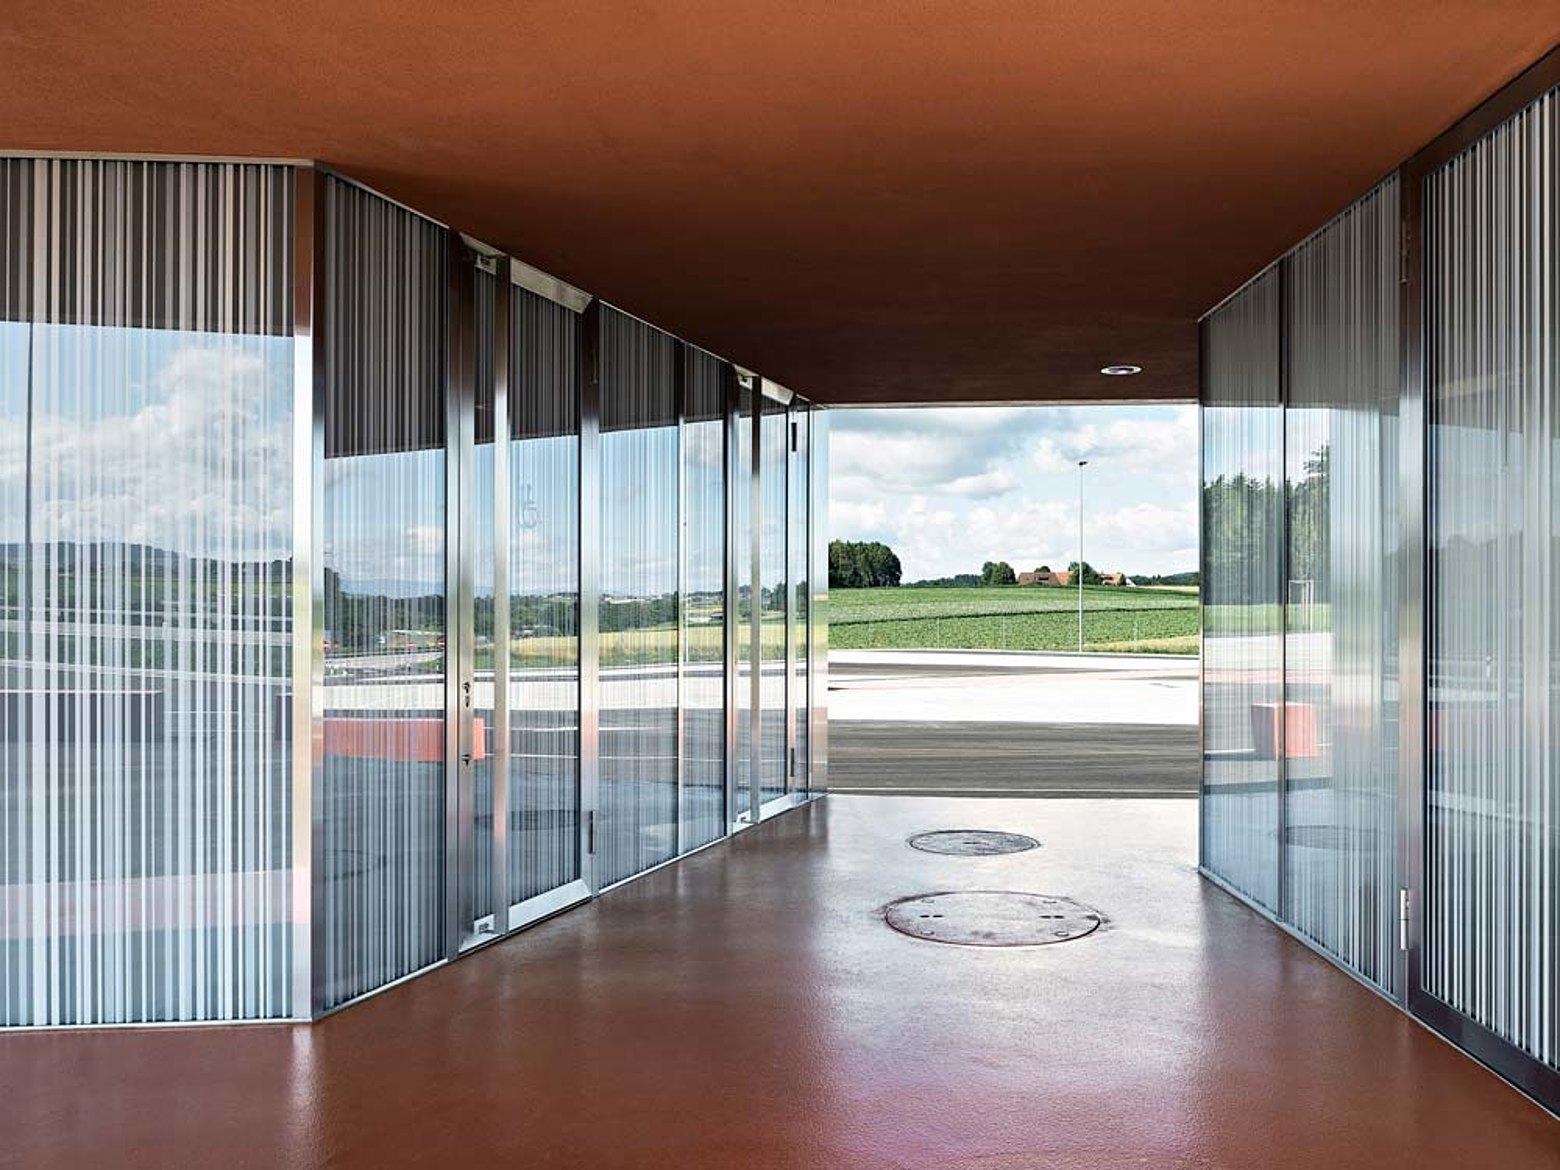 Eingangstüren und Verglasungen mit Wärmedämmung in Edelstahl. Eingesetztes Profilsystem: forster unico